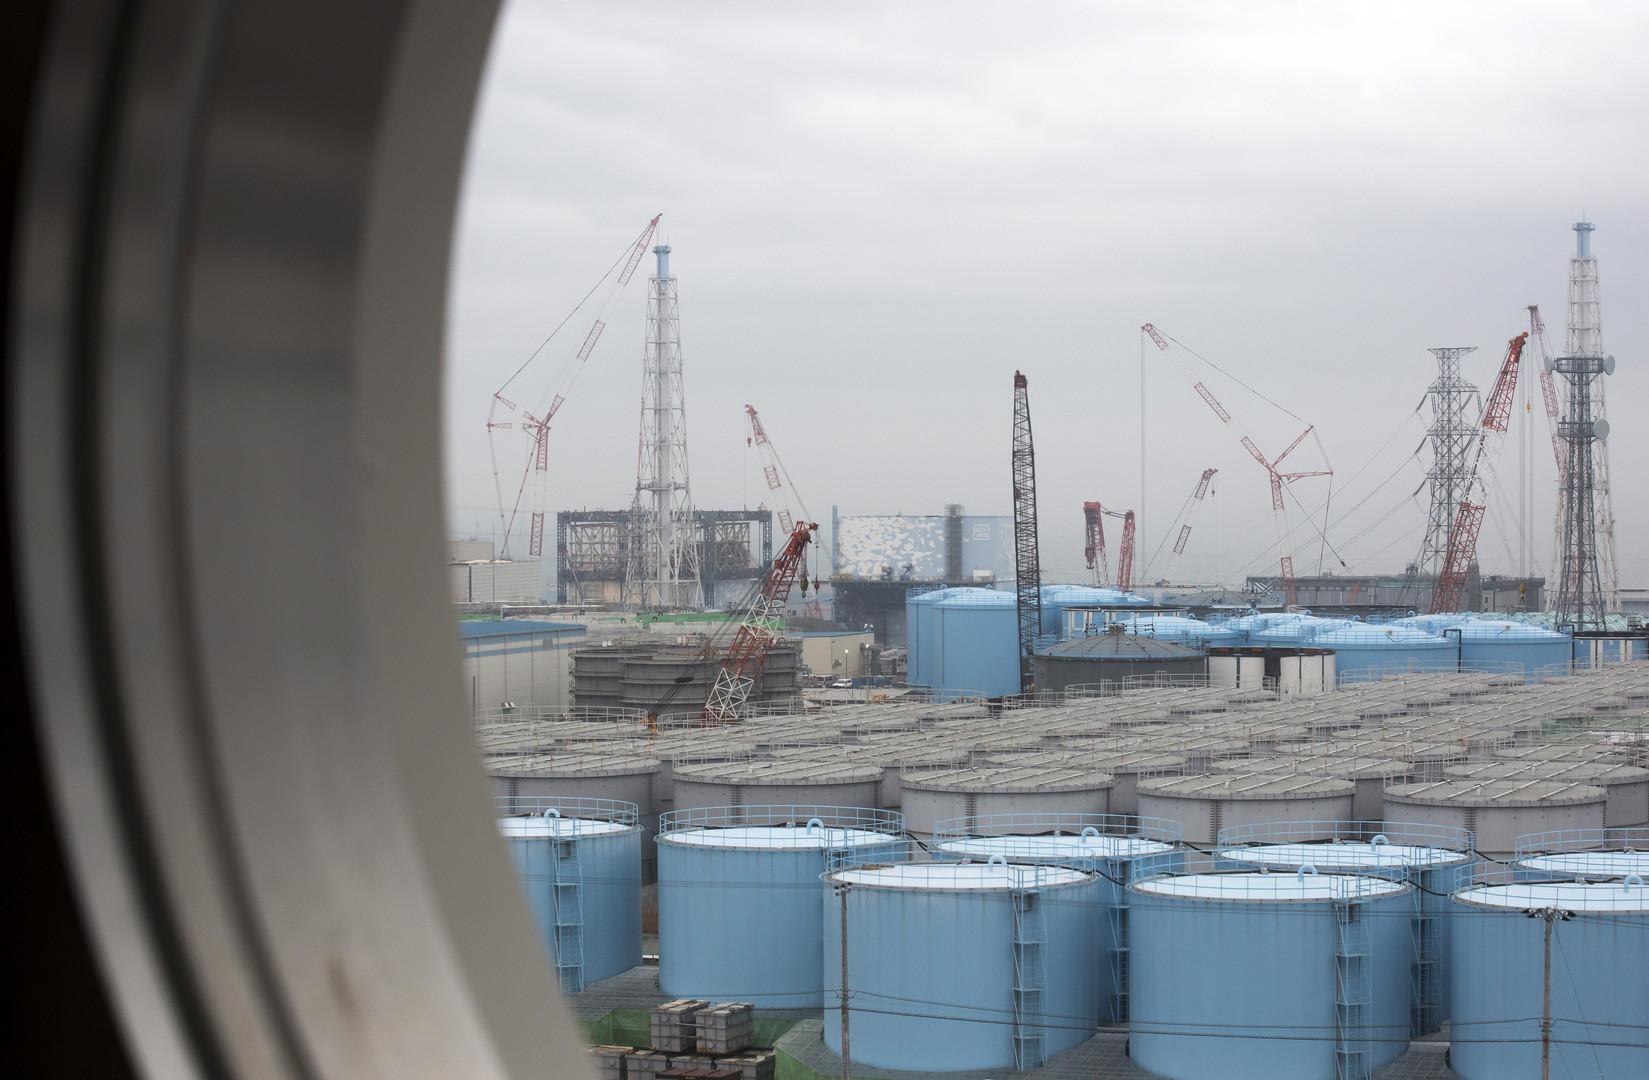 La Russie aidera le Japon à décontaminer le site de Fukushima